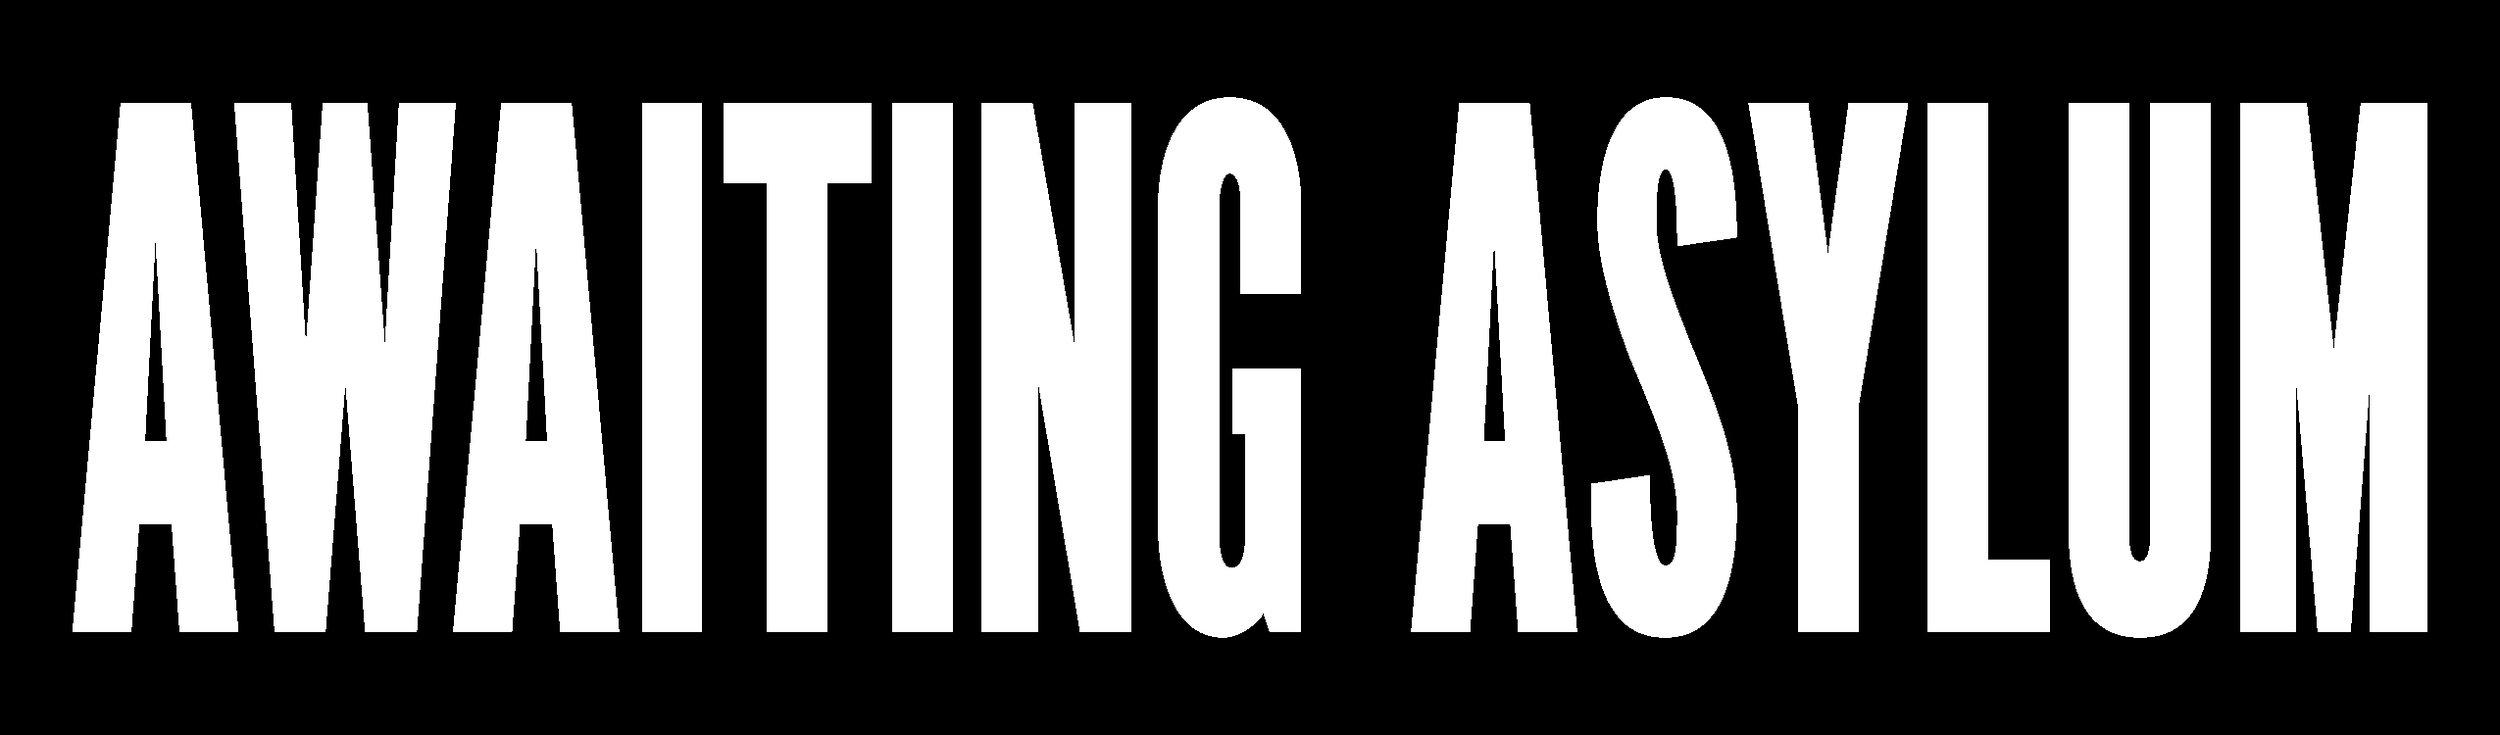 asylum-01.jpg